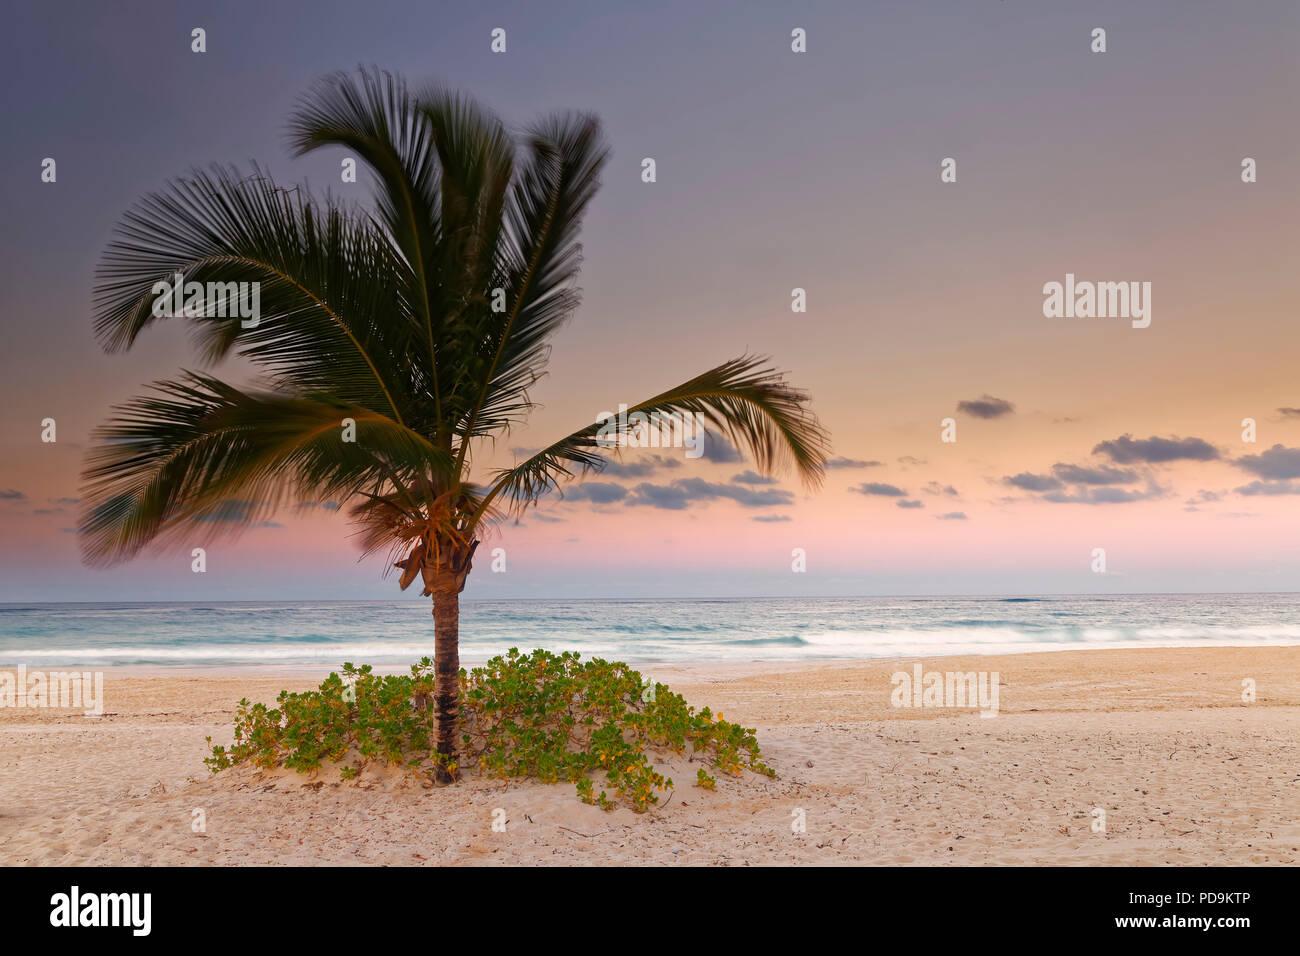 Tramonto sulla spiaggia di sabbia con palme, Playa Bavaro, Punta Cana Repubblica Dominicana Immagini Stock